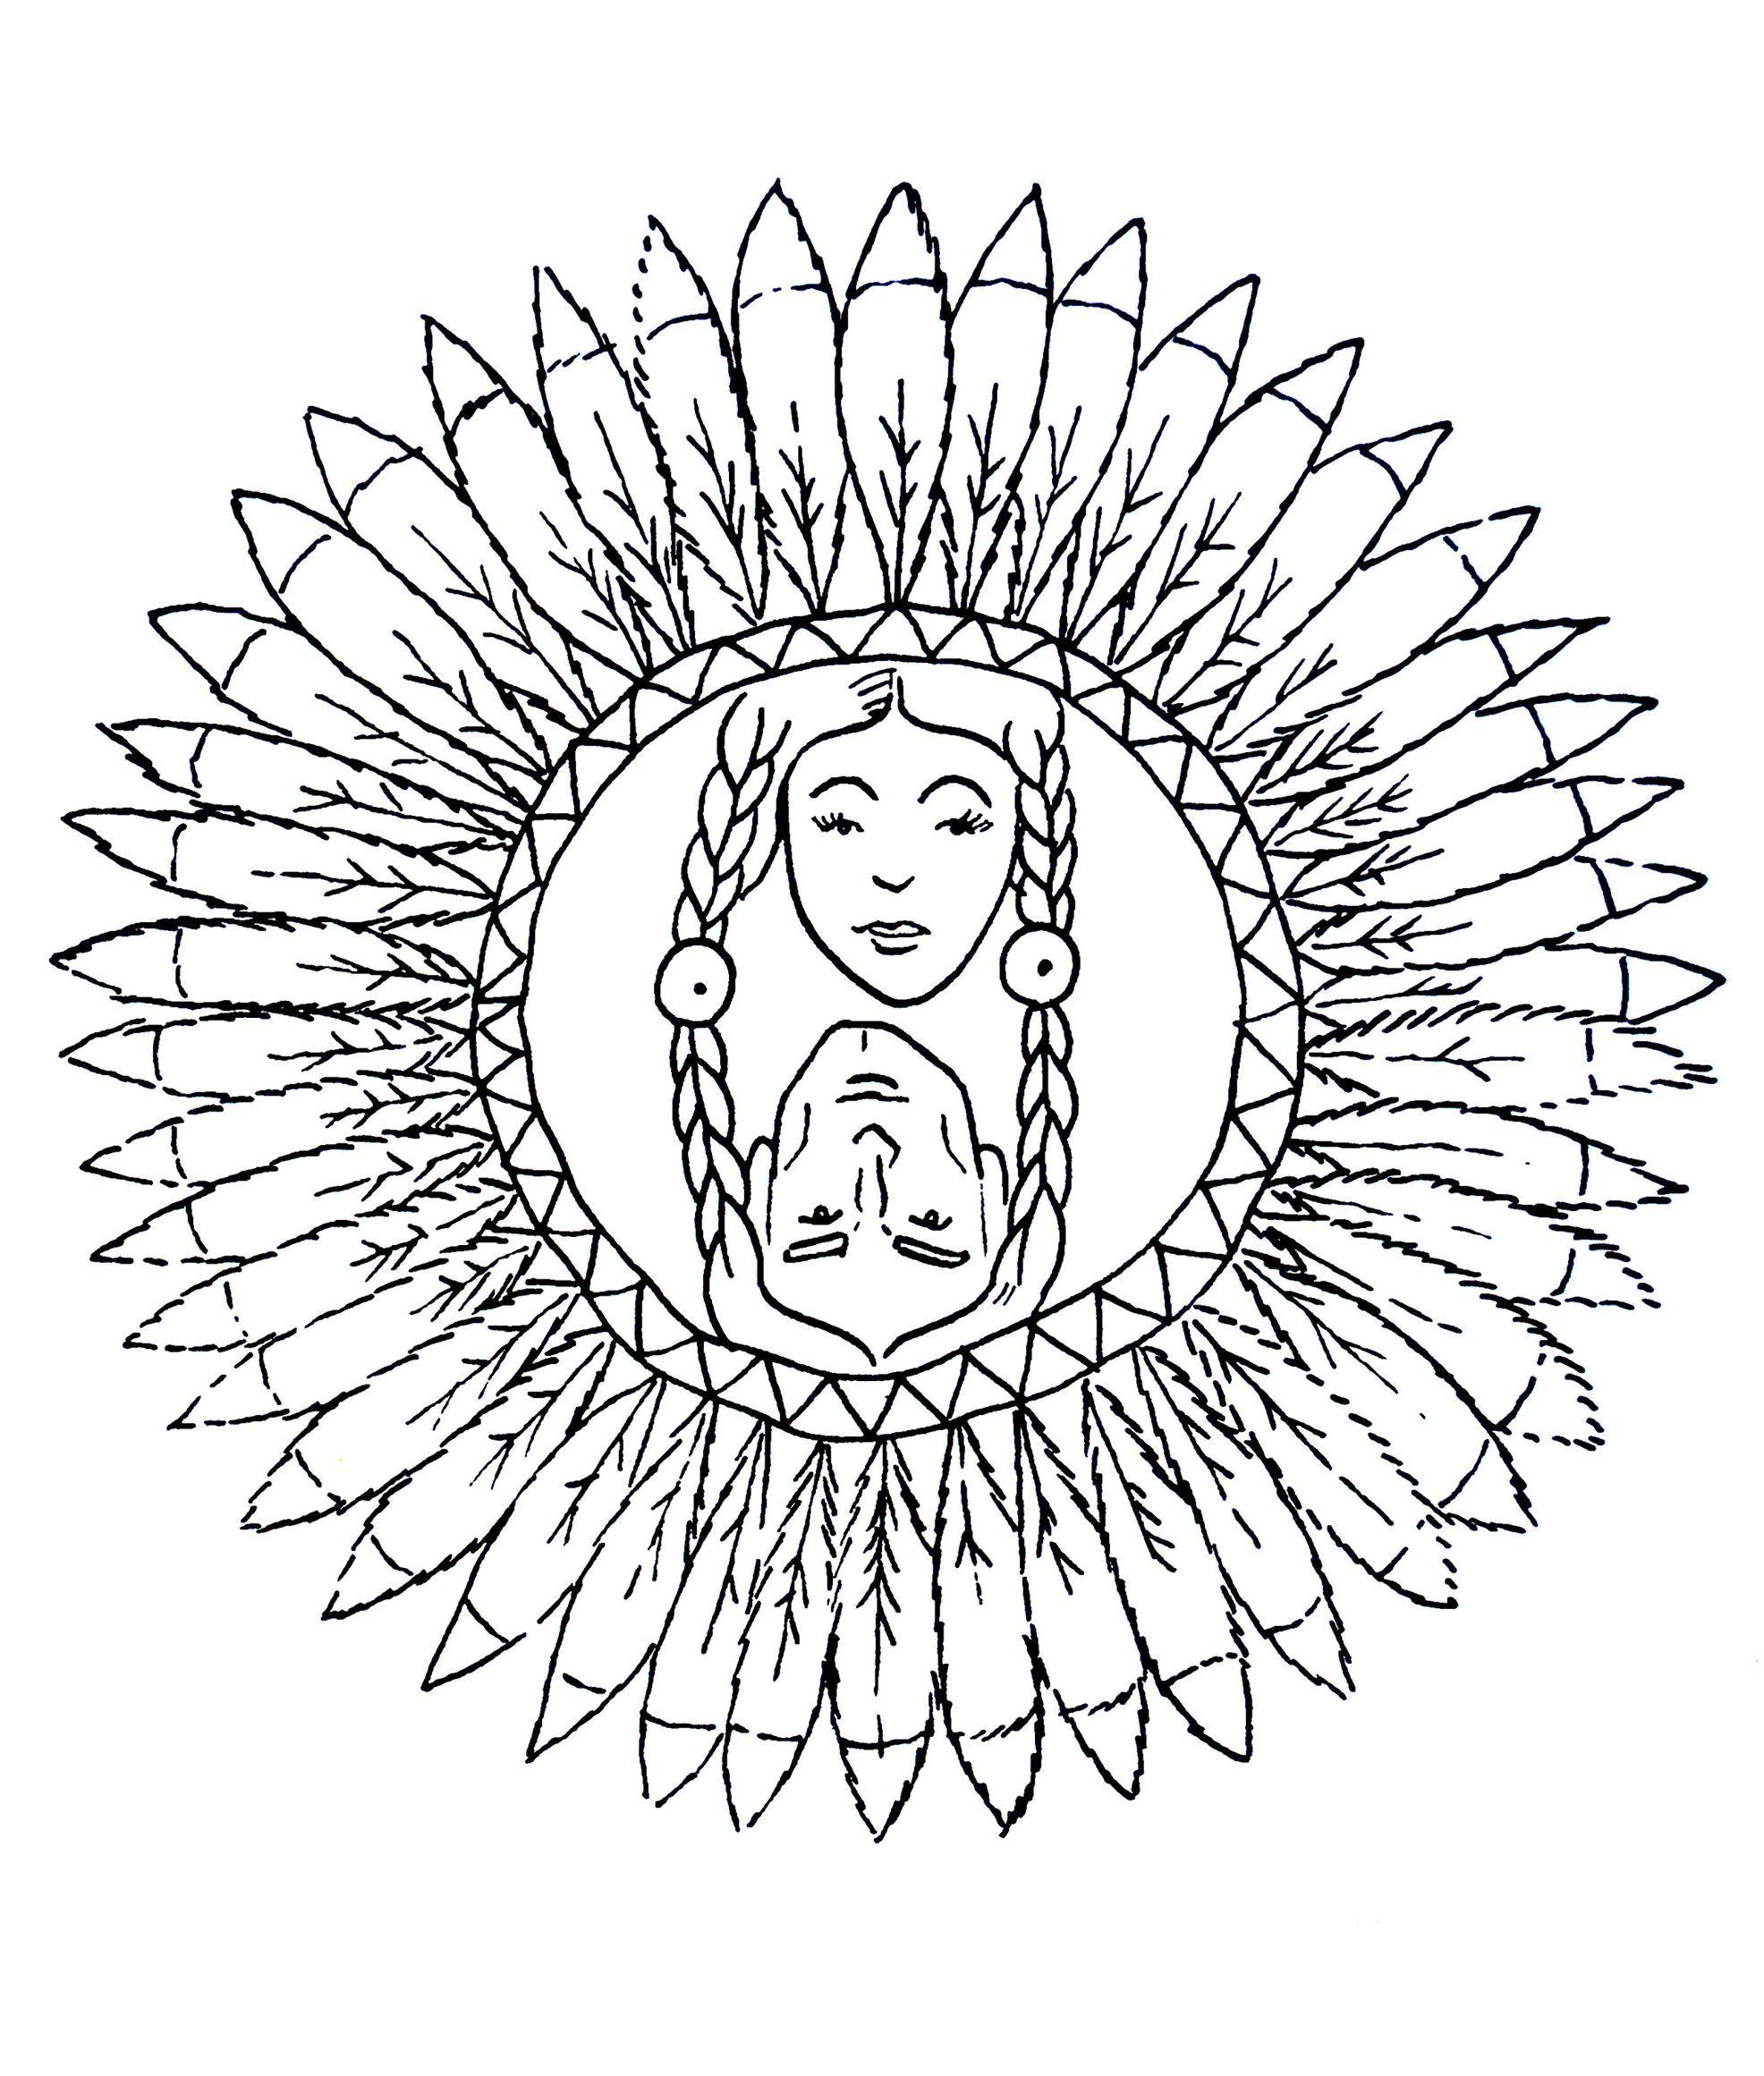 Free Mandalas page mandalatocolorcharactersindians